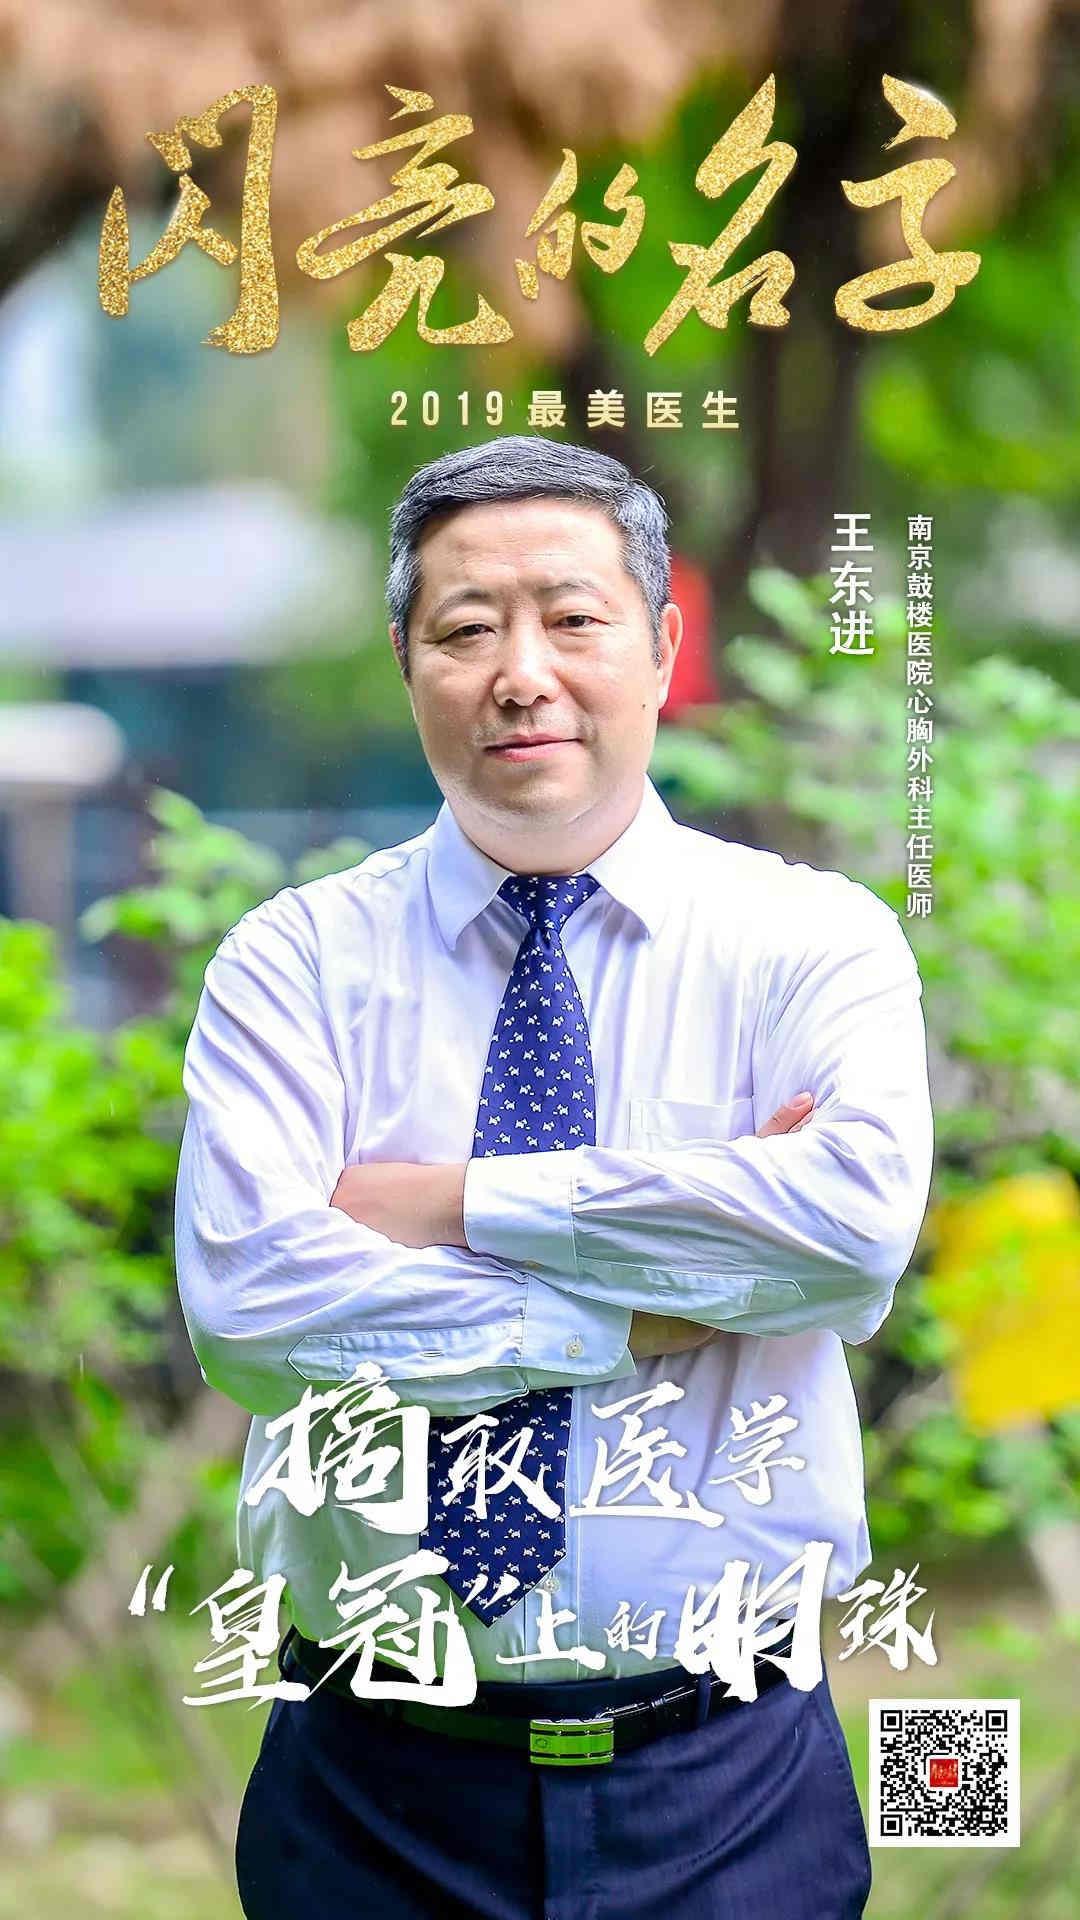 """以生命hg0088官网名义,致敬""""2019最美大夫""""!"""